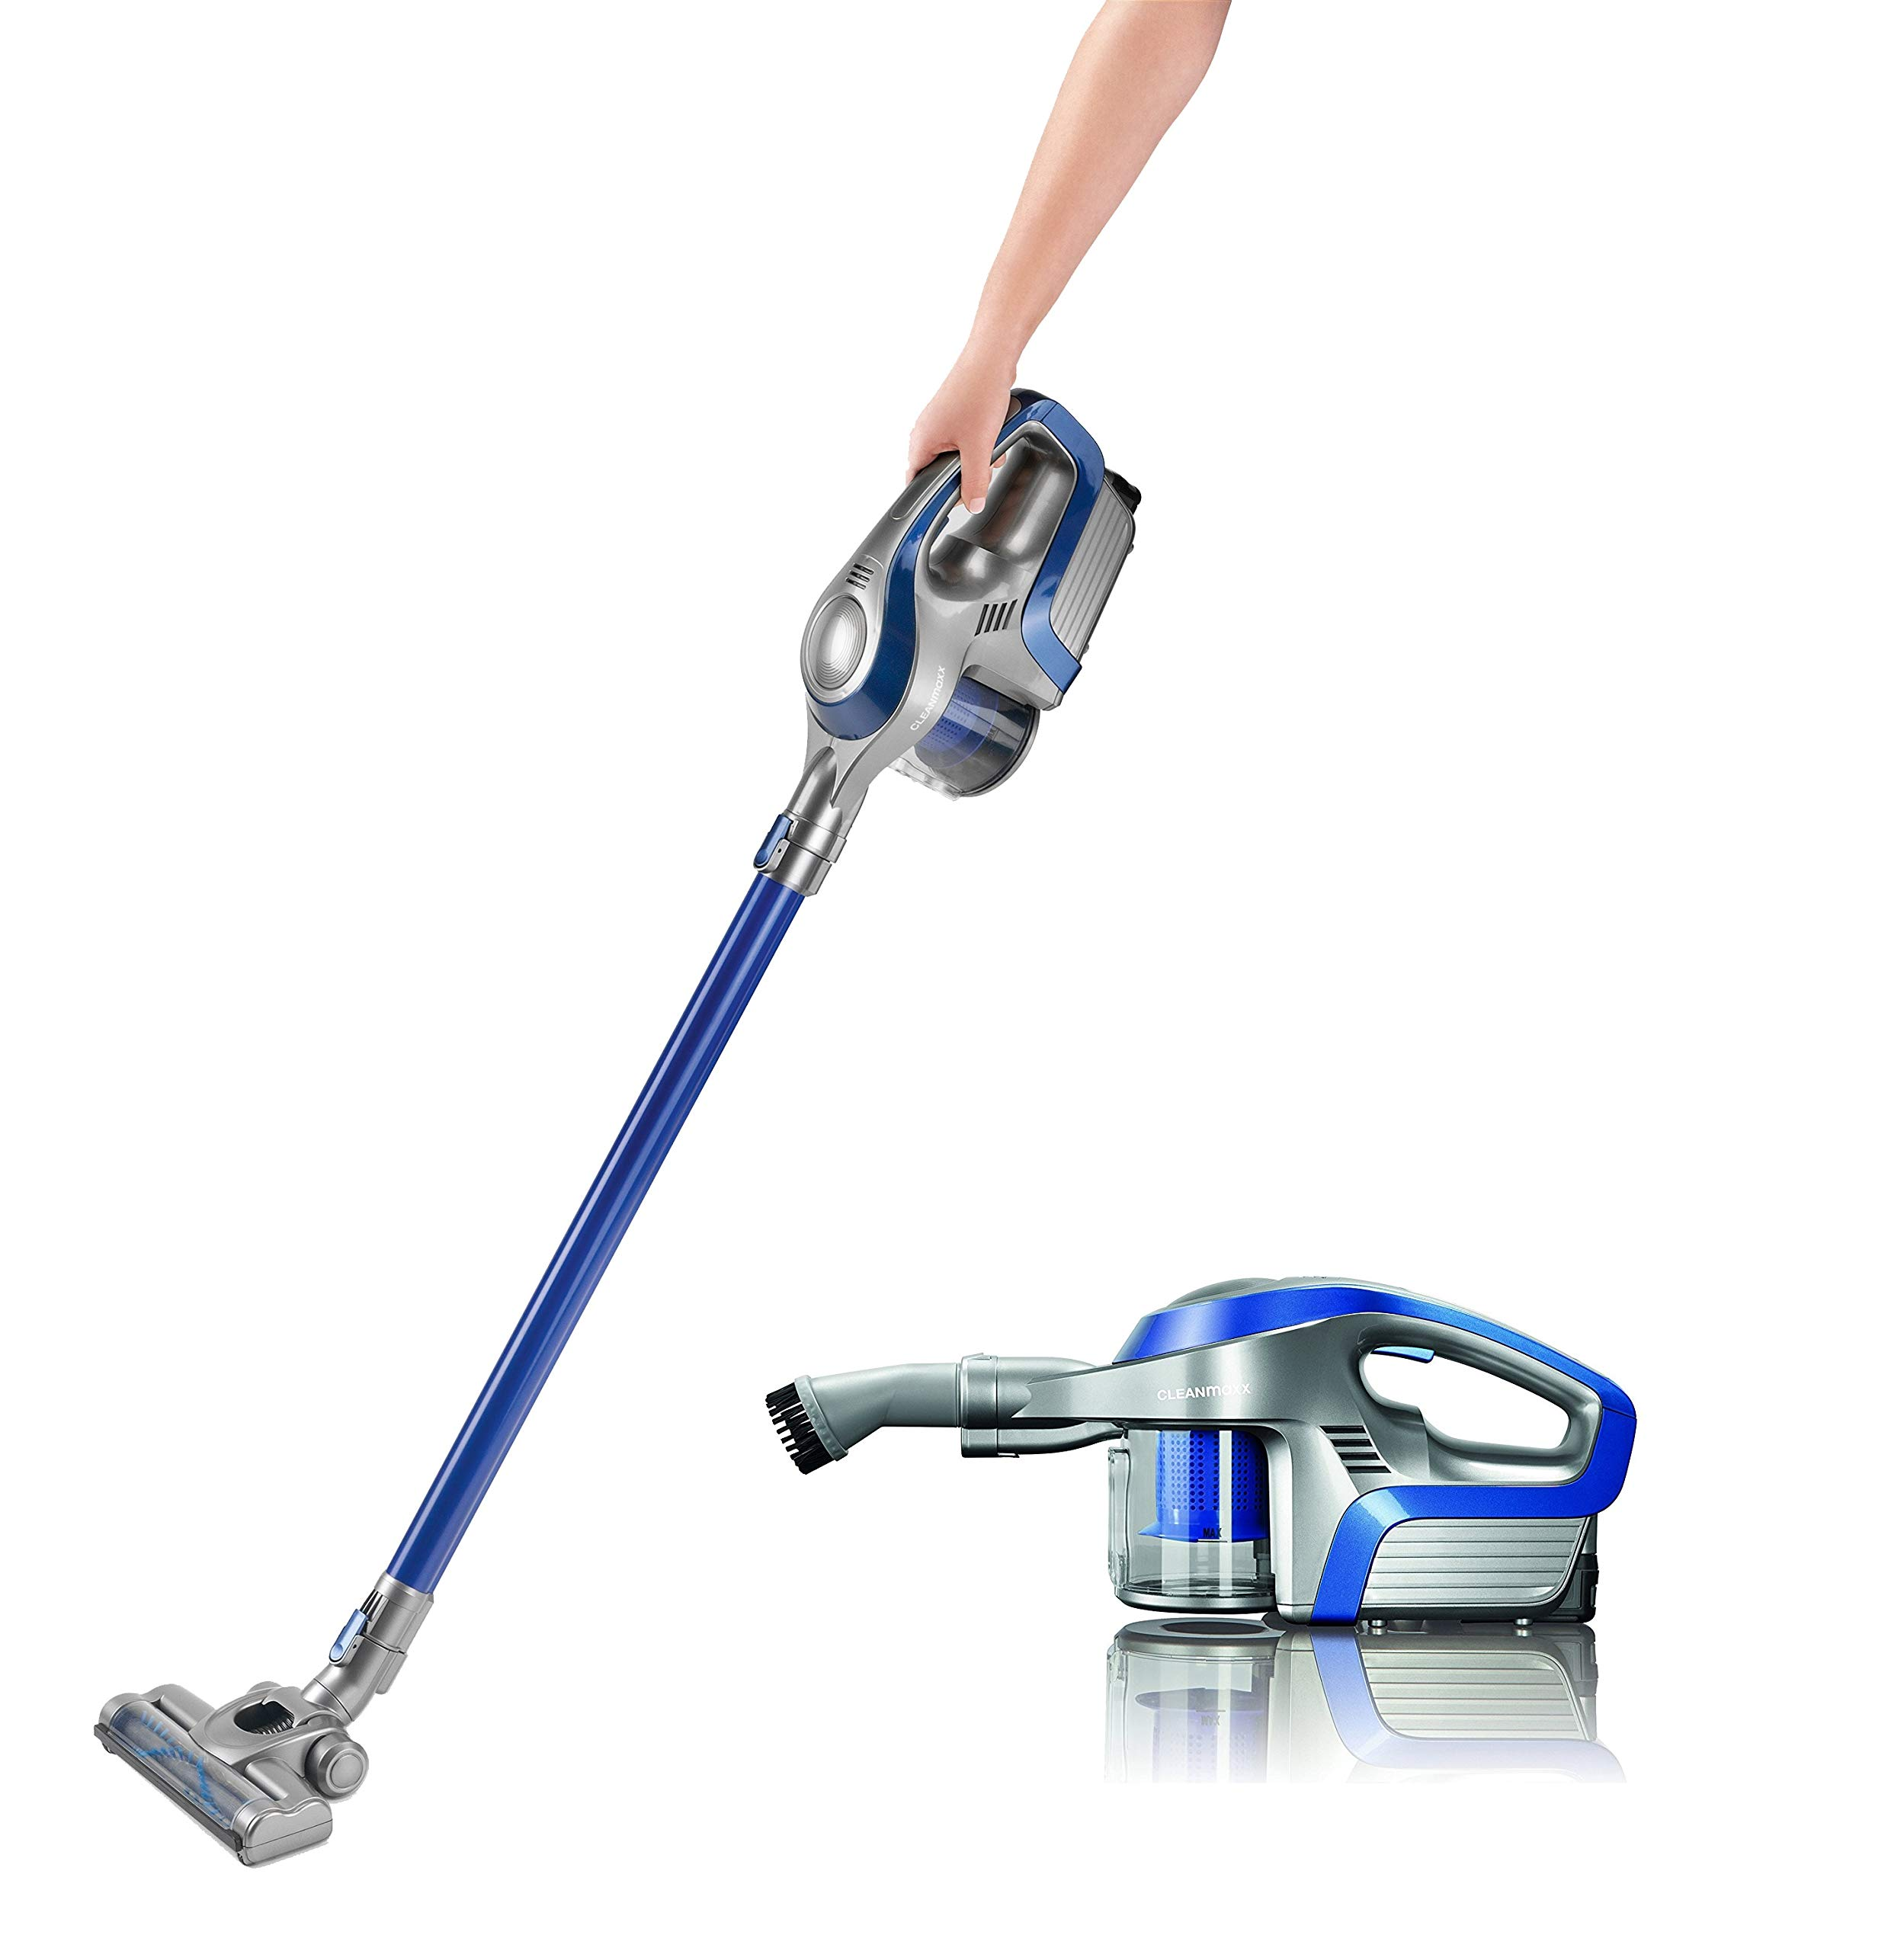 CLEANmaxx Aspiradora ciclónica sin Cable sin Bolsa con batería Recargable | aspiradora de Piso 2 en 1 y aspiradora de Mano, Potente y de bajo Consumo [Azul/Plateado]: Amazon.es: Hogar